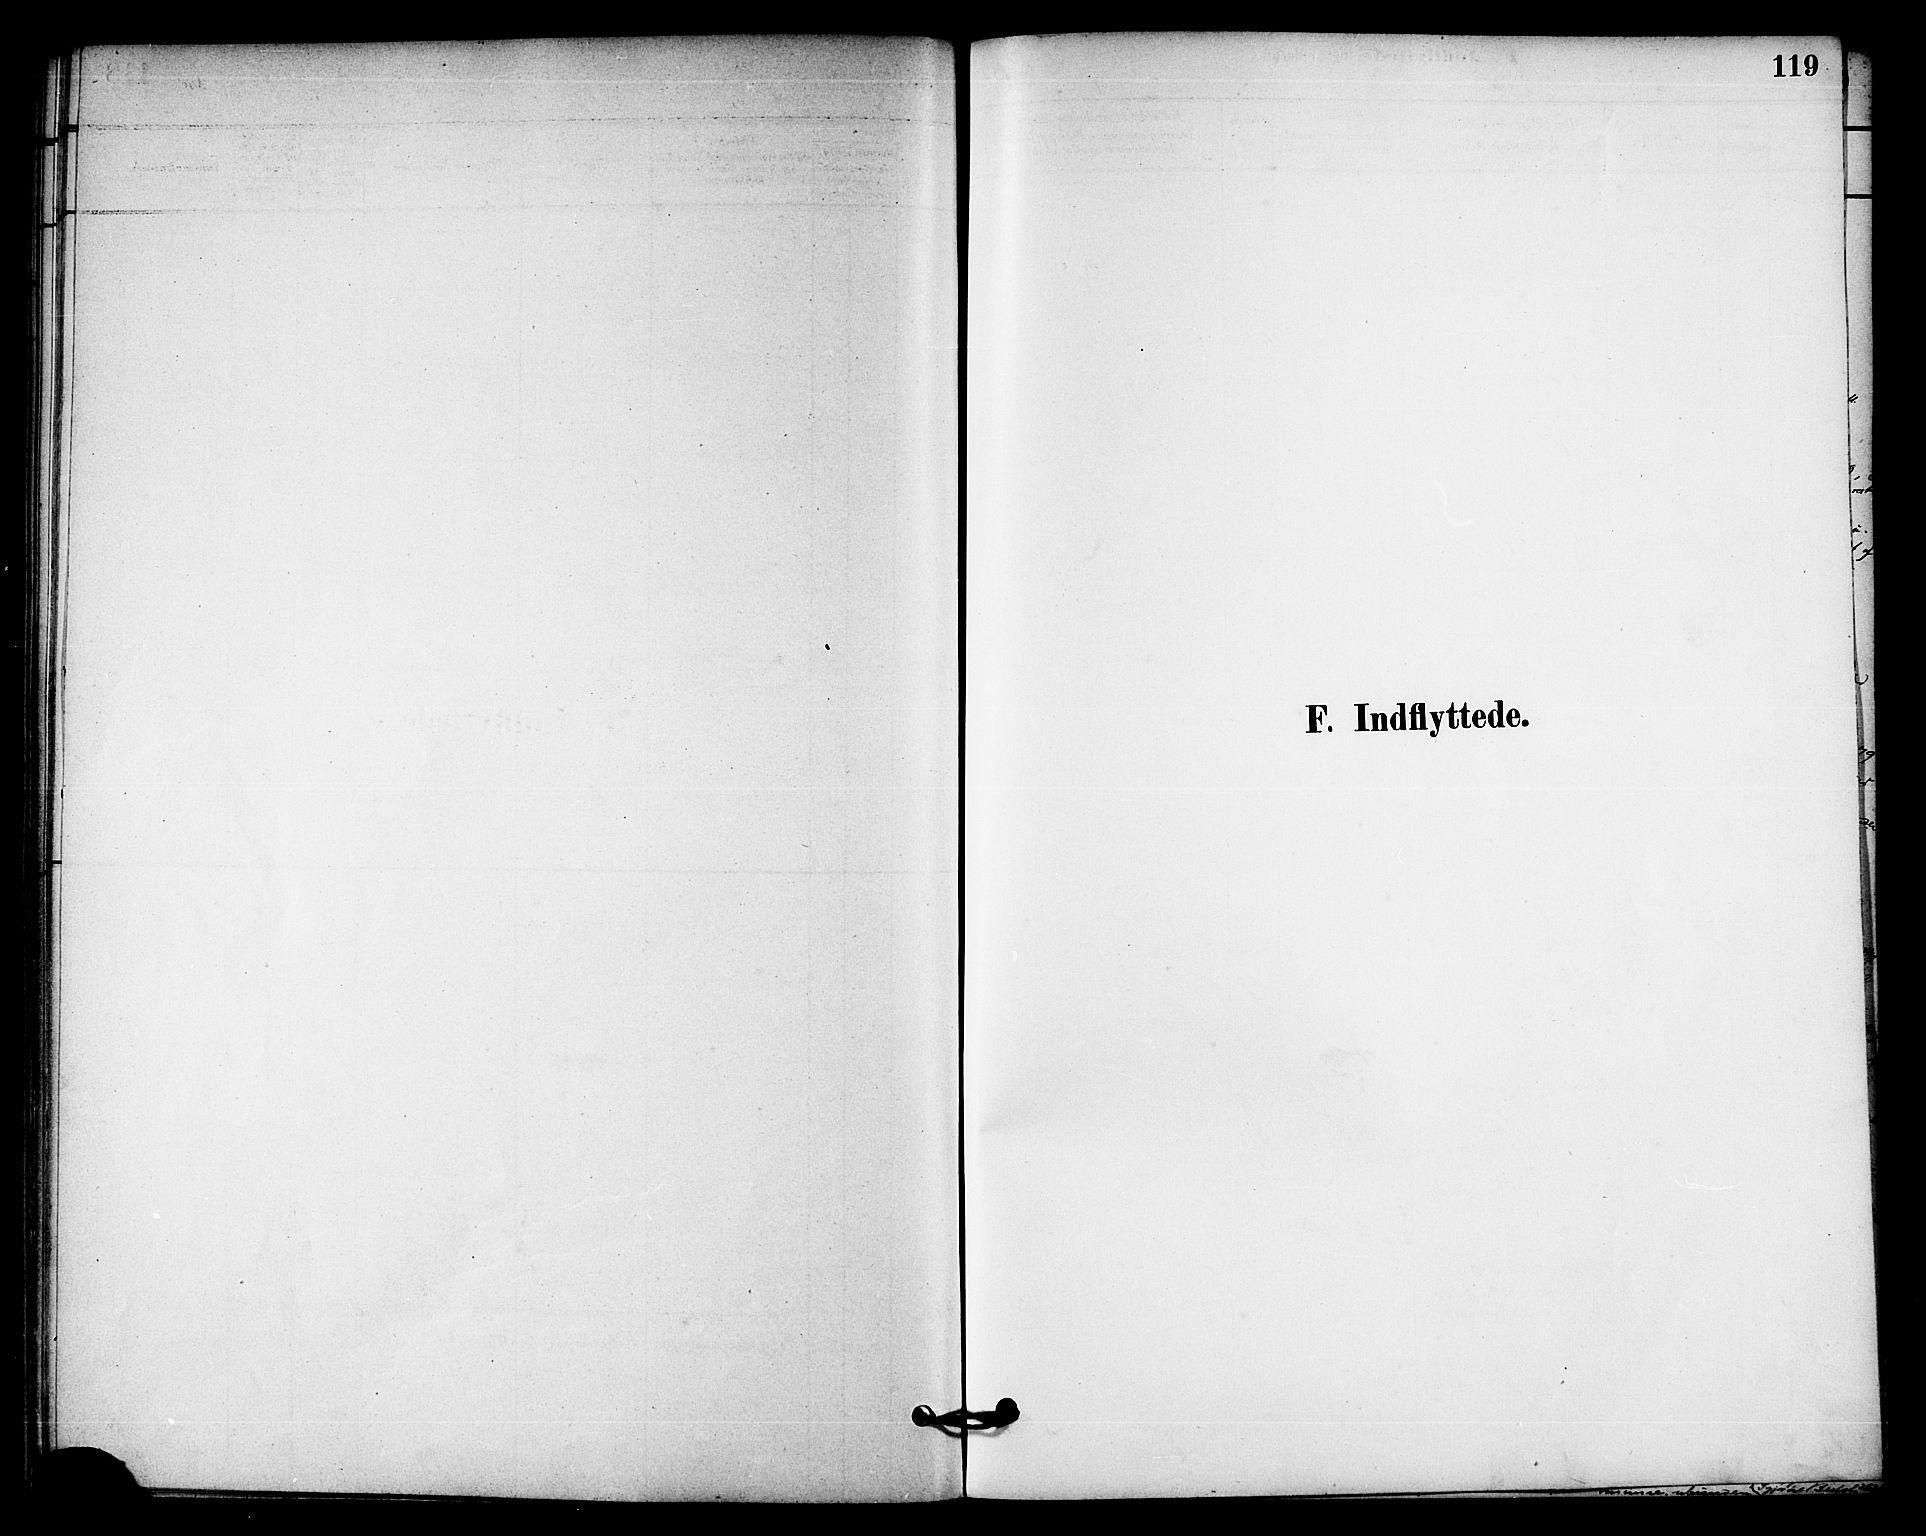 SAT, Ministerialprotokoller, klokkerbøker og fødselsregistre - Nord-Trøndelag, 740/L0378: Ministerialbok nr. 740A01, 1881-1895, s. 119